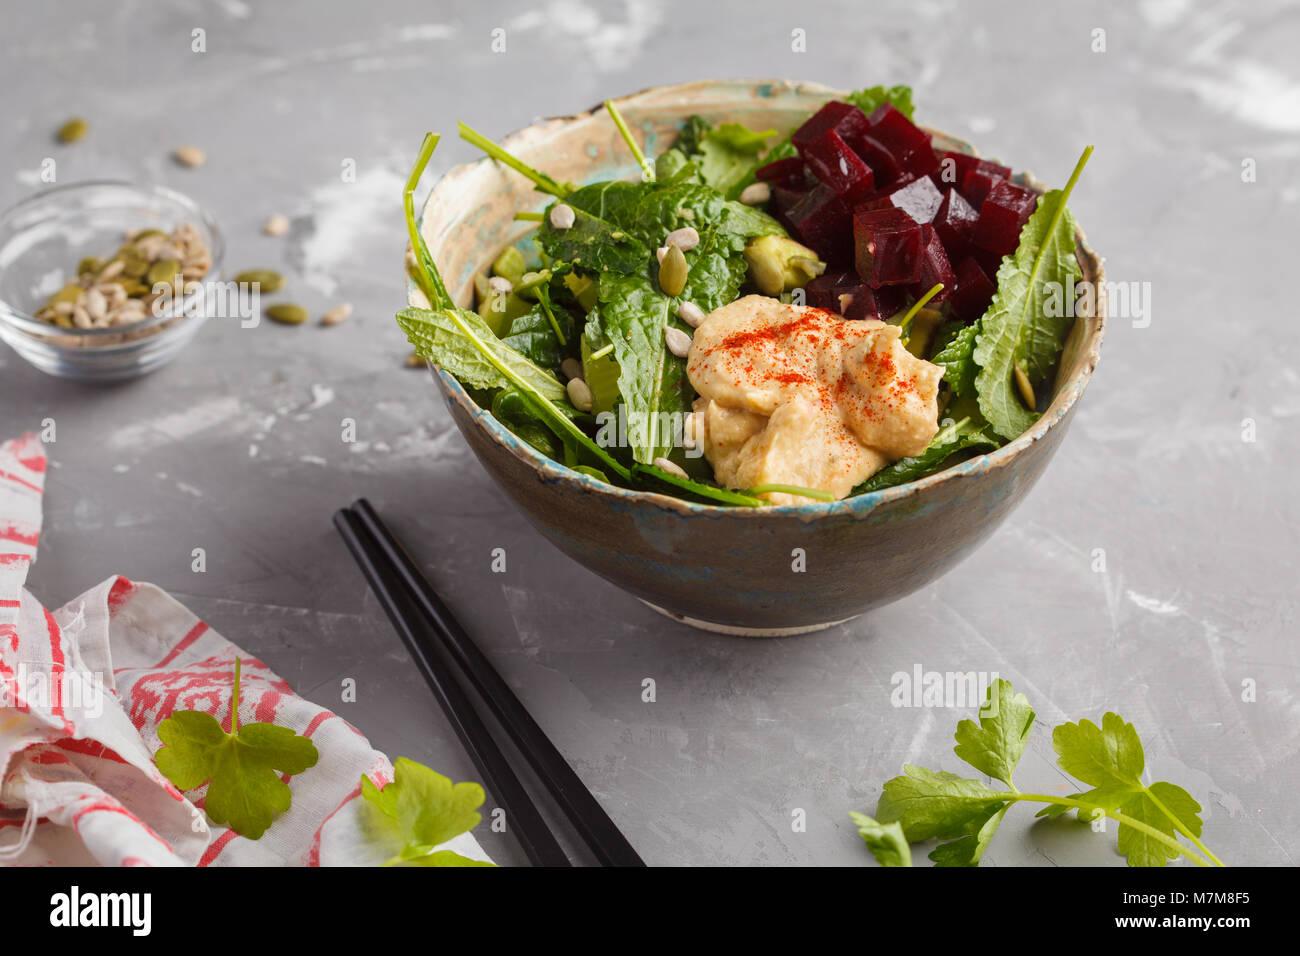 Vegan verde con ensalada de col, remolacha, pepino, semillas de girasol, con hummus vestirse. Concepto de comida Imagen De Stock